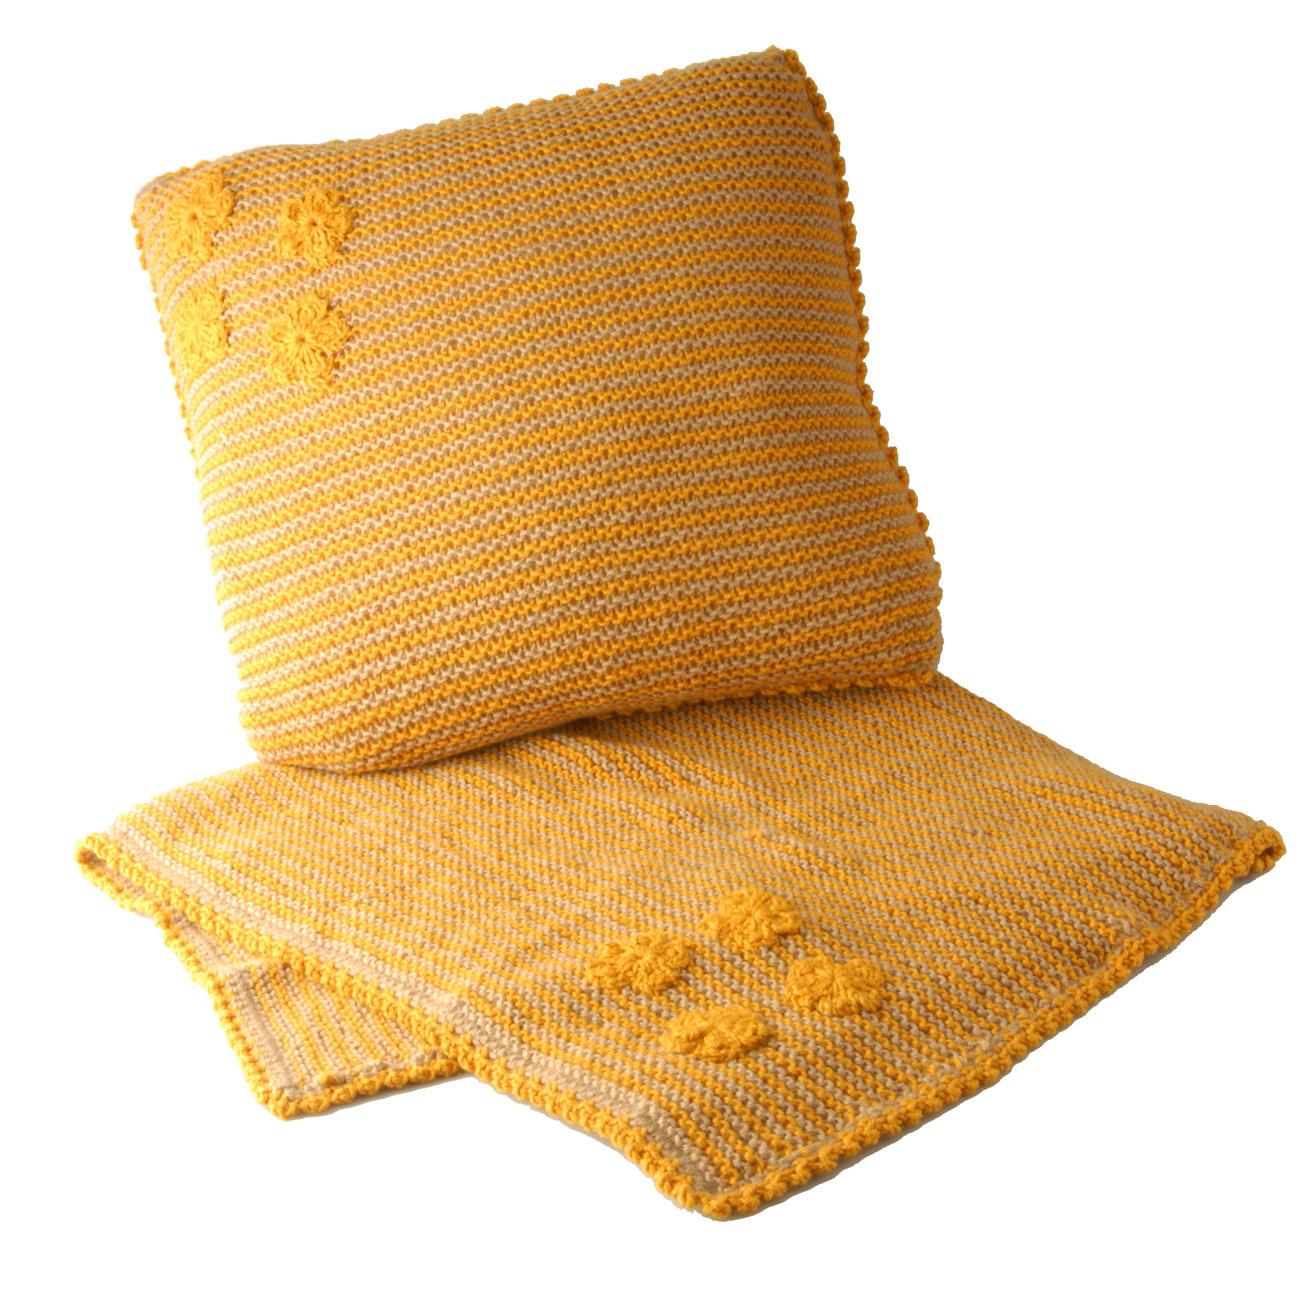 modell 253 2 kraus rechts gestrickte babydecke und kissen mit geh kelten blumen aus merino. Black Bedroom Furniture Sets. Home Design Ideas